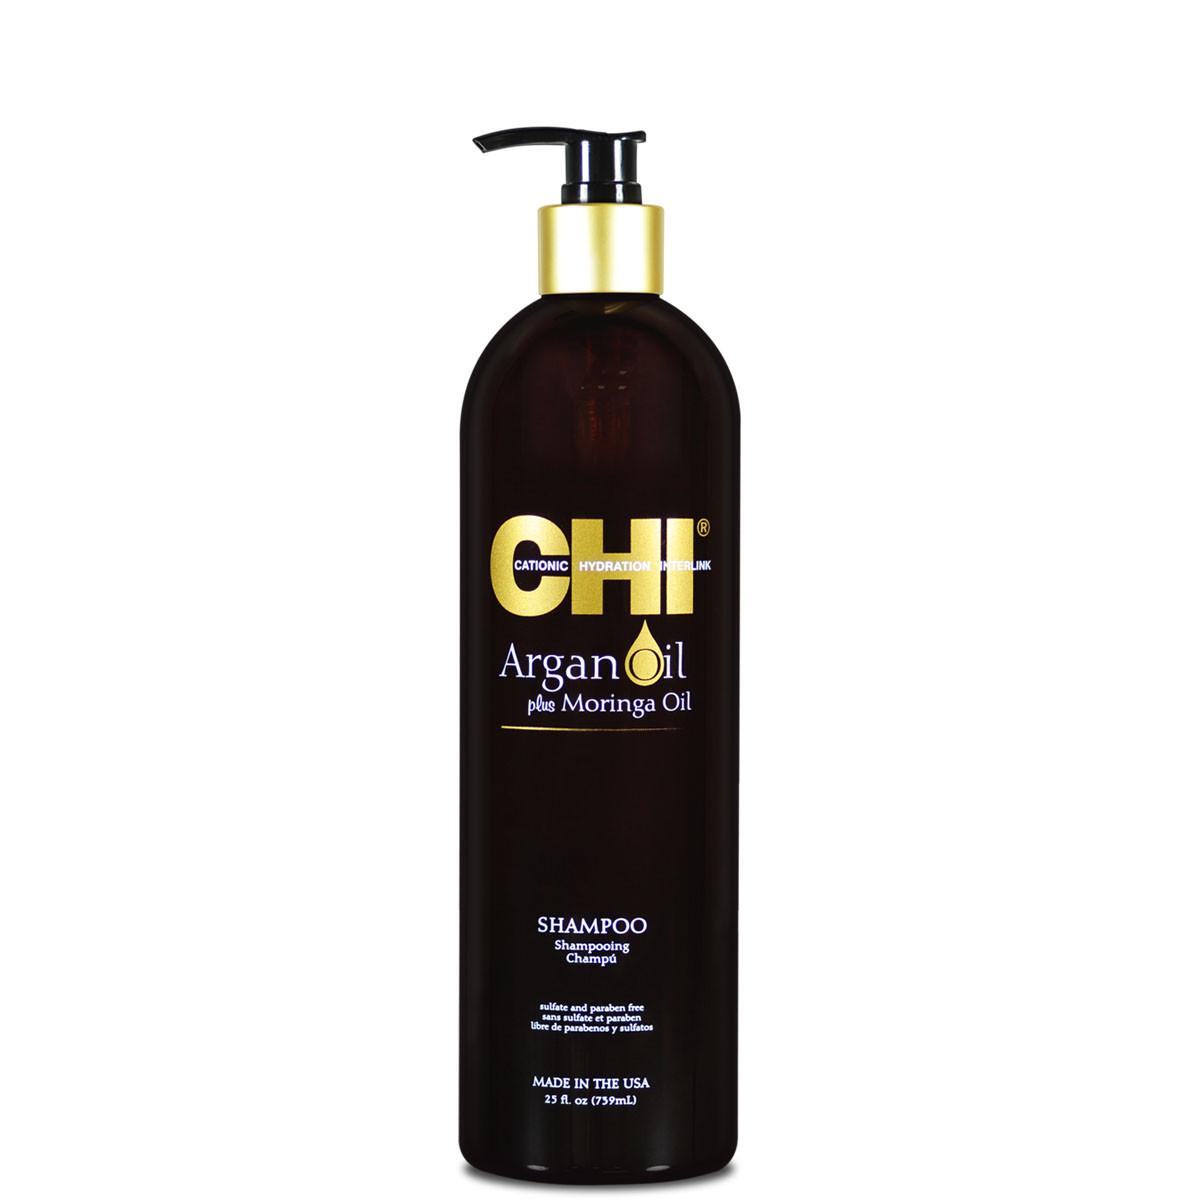 Аргановый шампунь для волос CHI Argan Oil Shampoo739ml